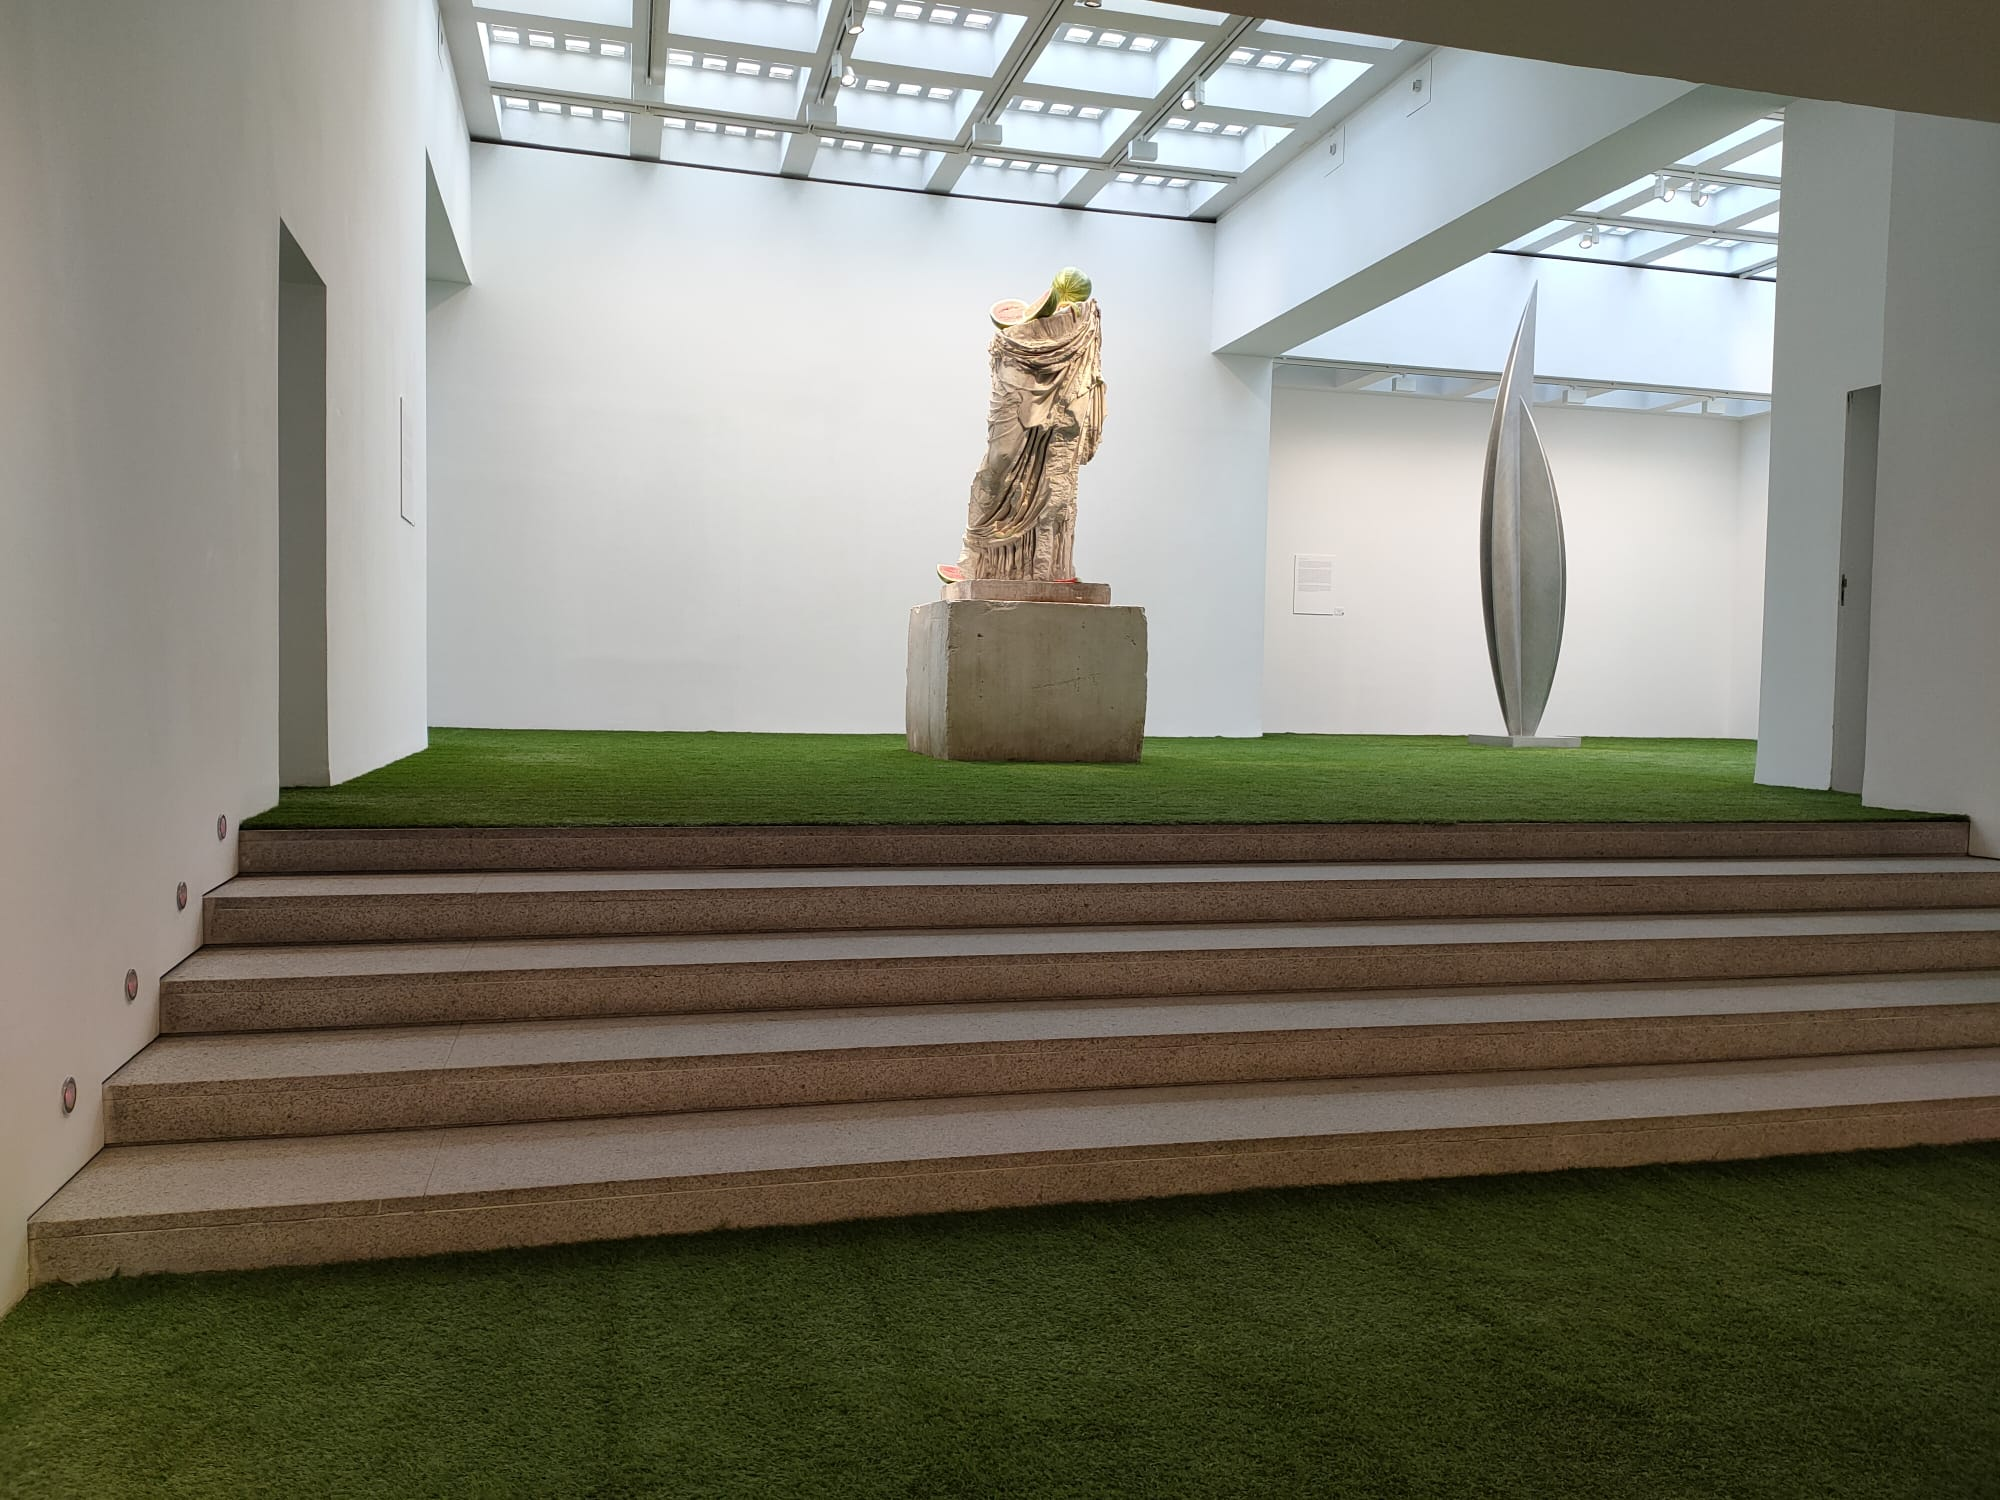 Vista interior de la escalera central de la galería. En la parte de arriba se ven dos esculturas de la exposición.